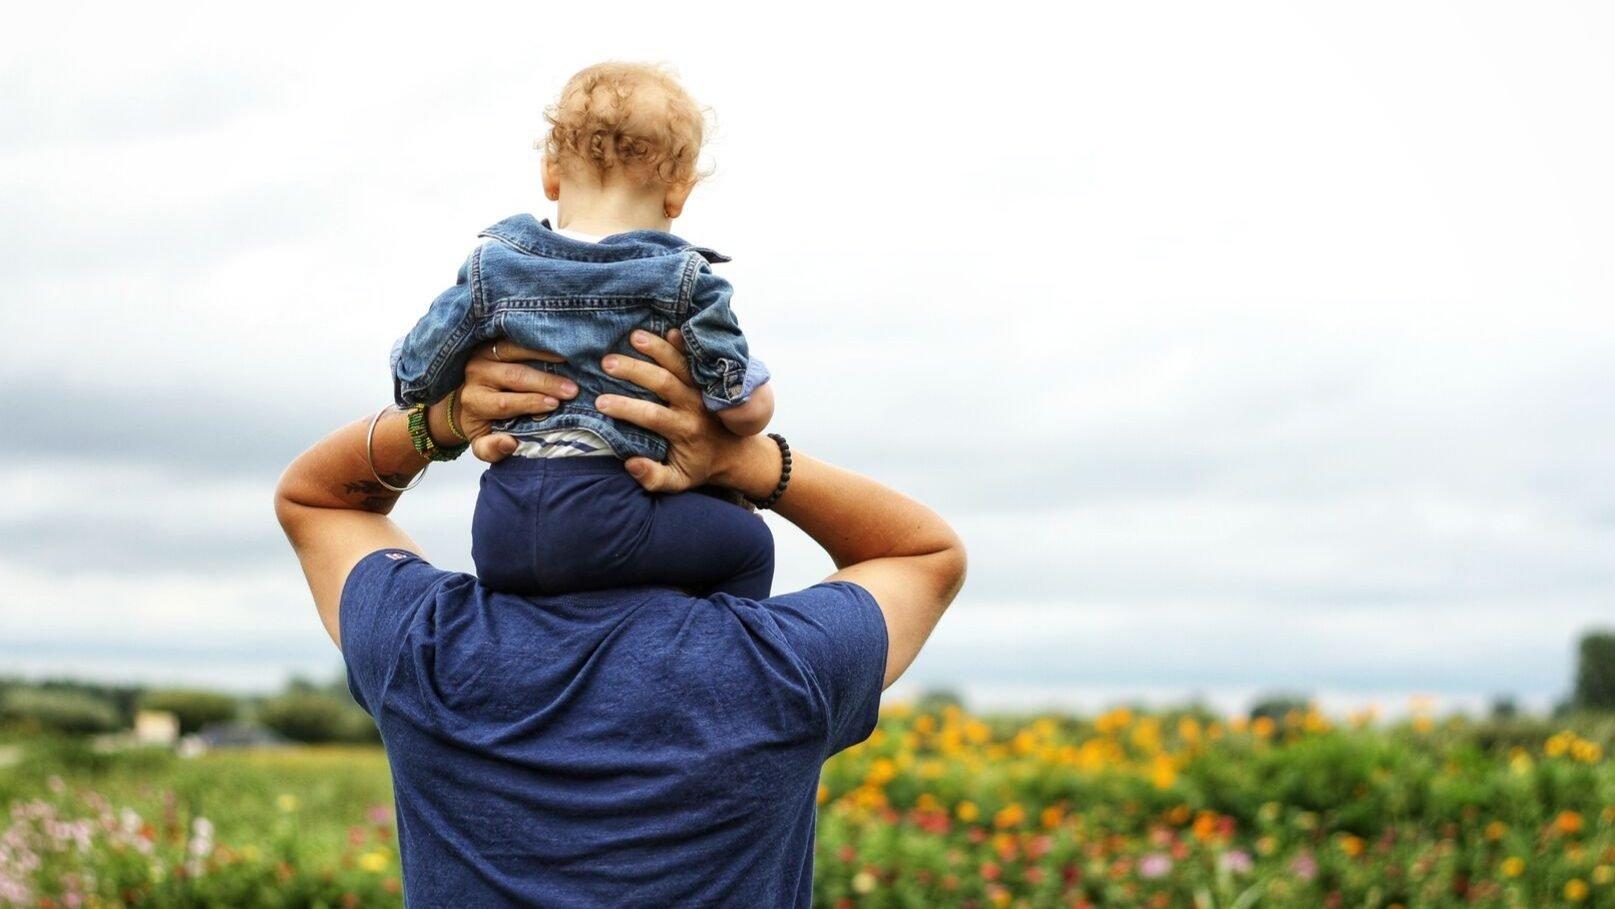 Superproteção familiar: por que driblar o excesso de zelo e incentivar a autonomia